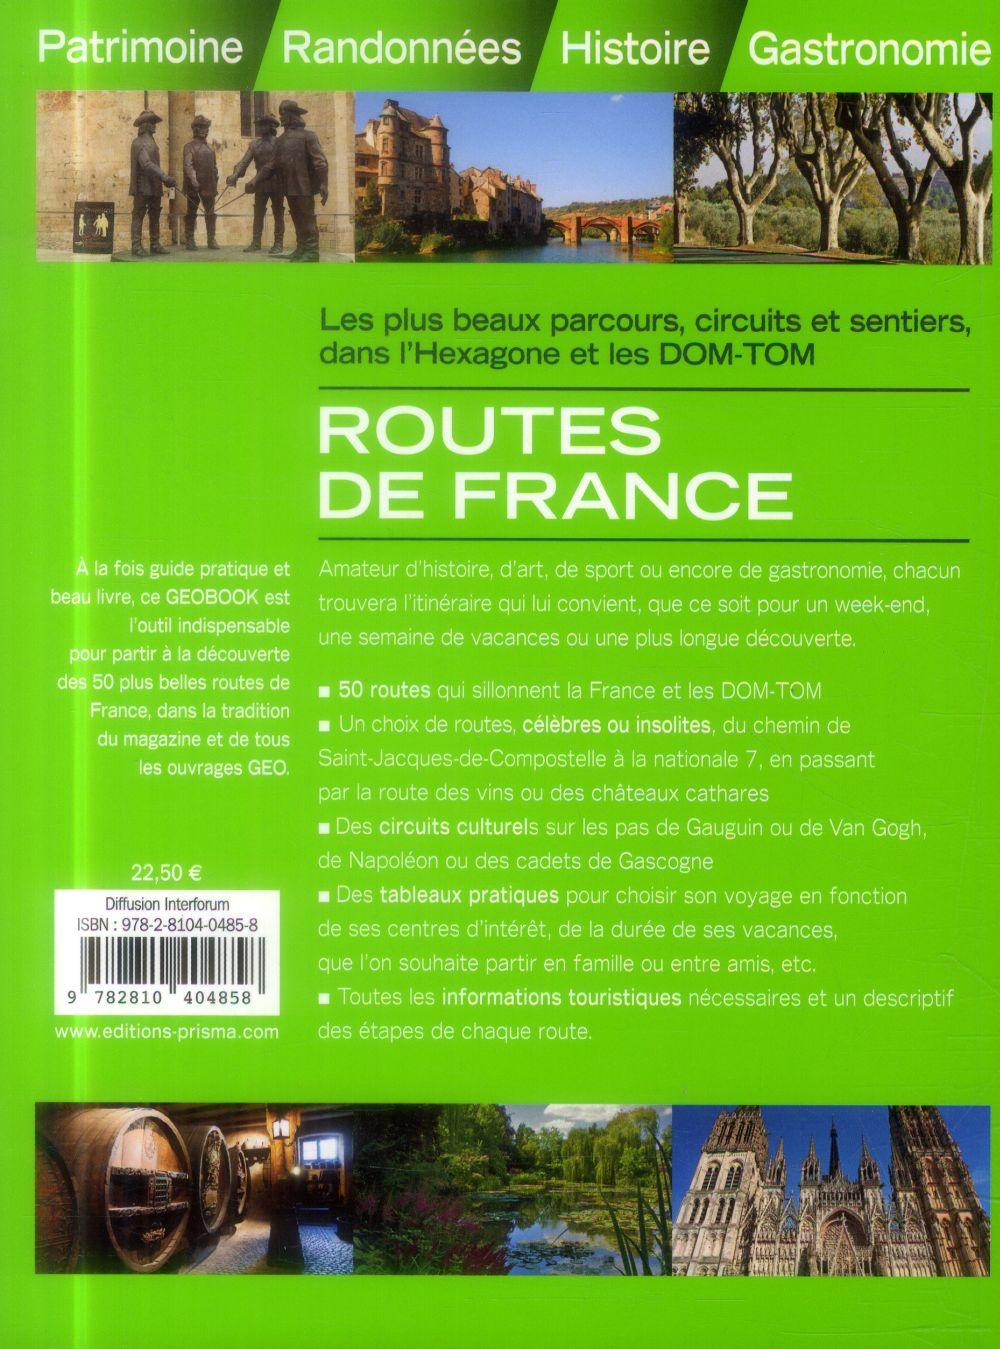 GEOBOOK ; routes de France